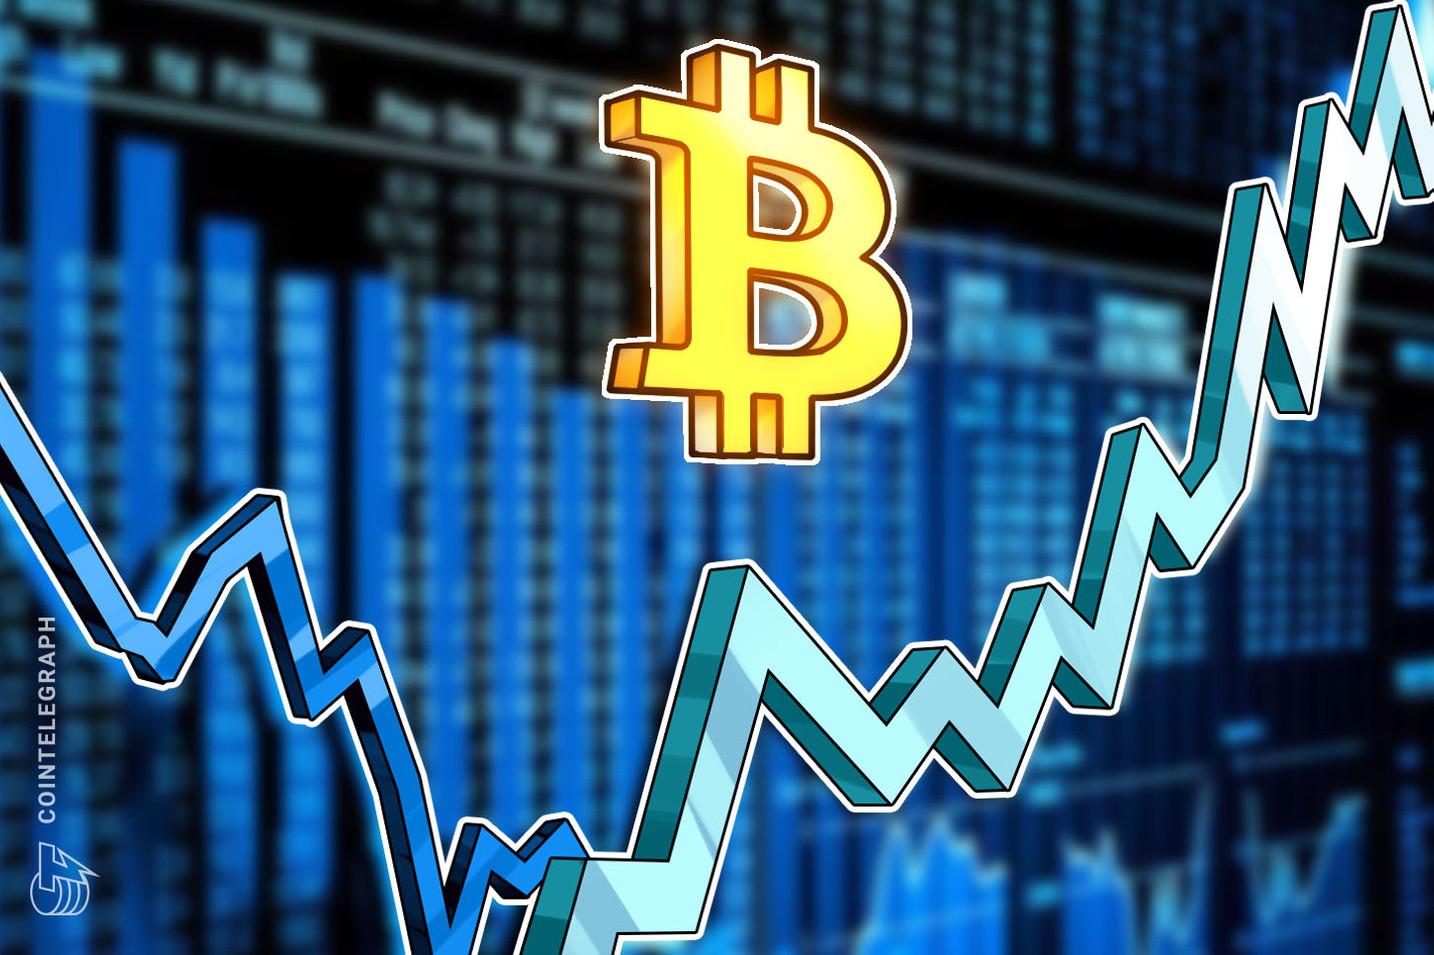 Bitcoin crasht onder $30K, maar gegevens in de keten suggereren dat accumulatie op komst is